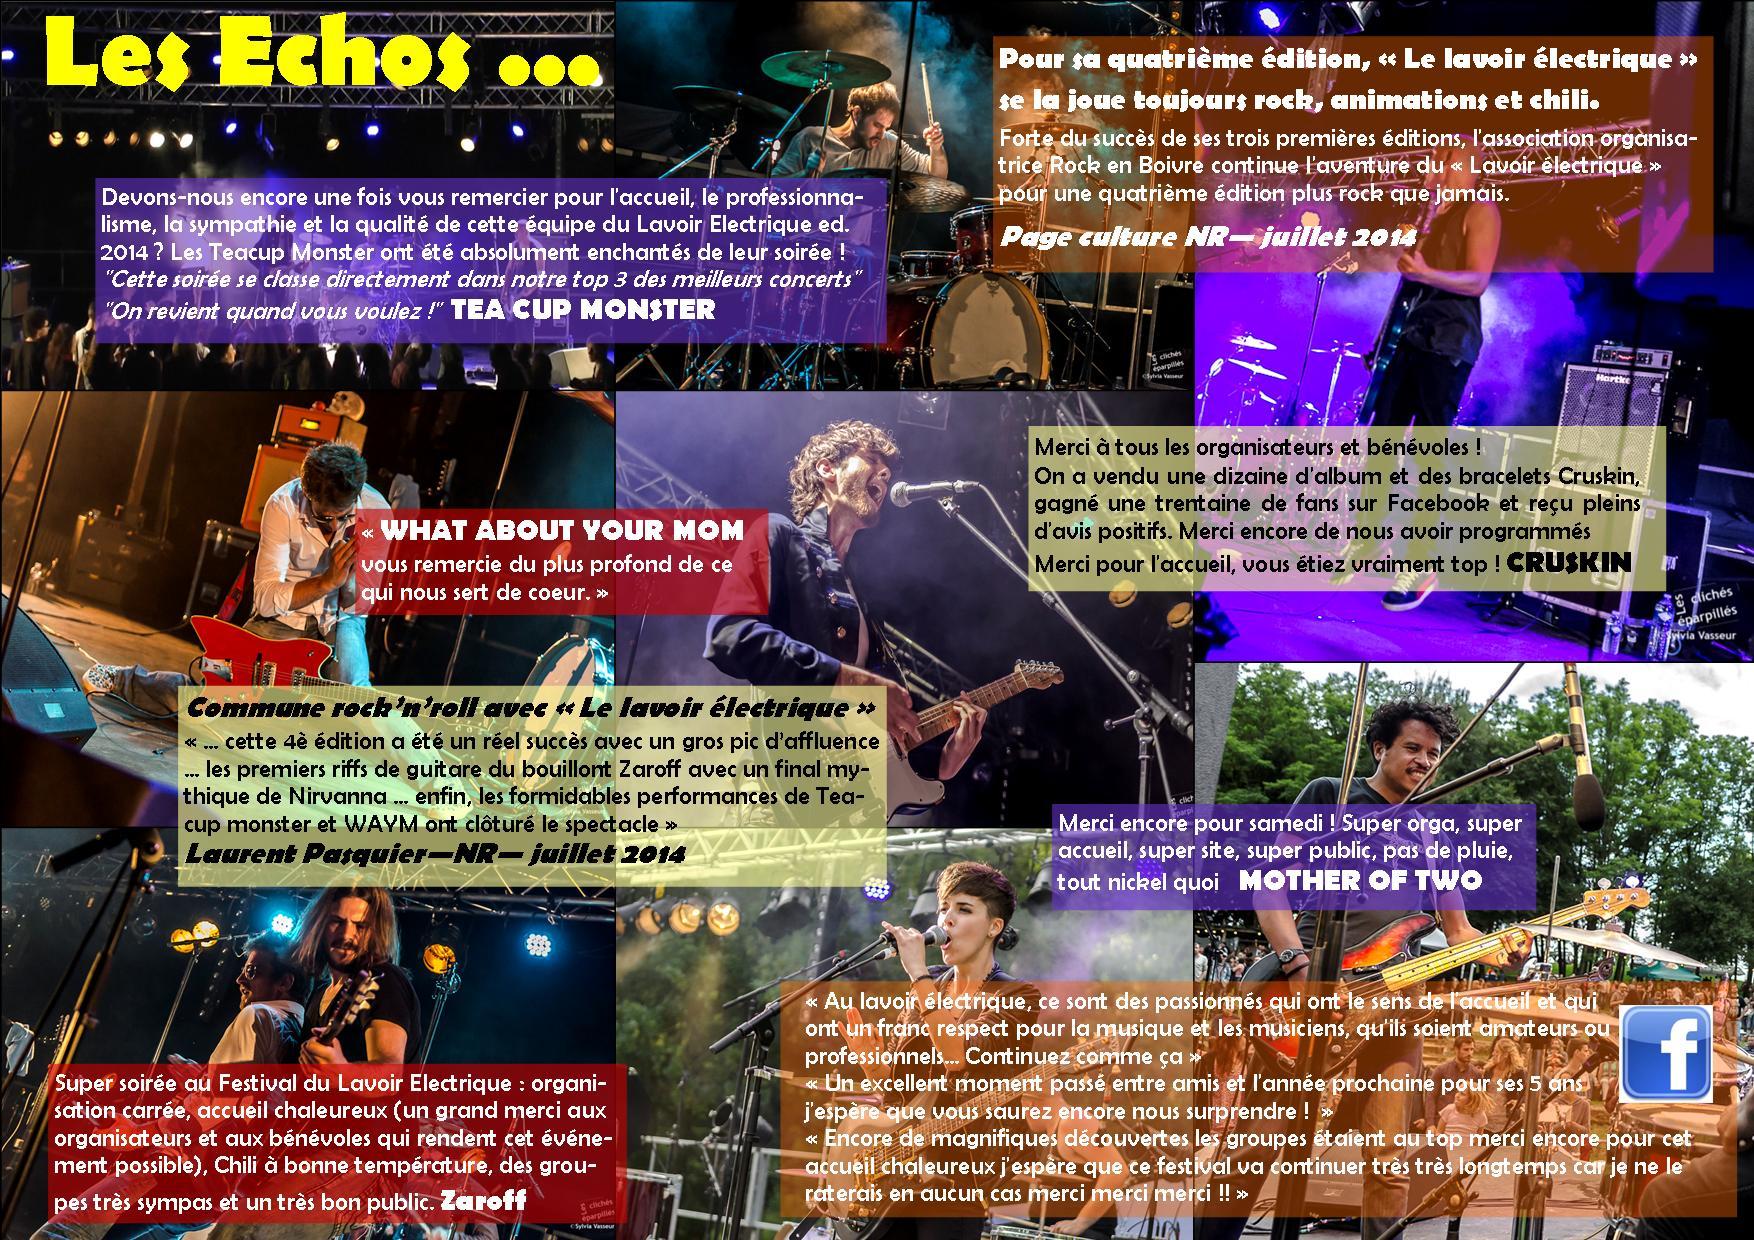 Echos 2014